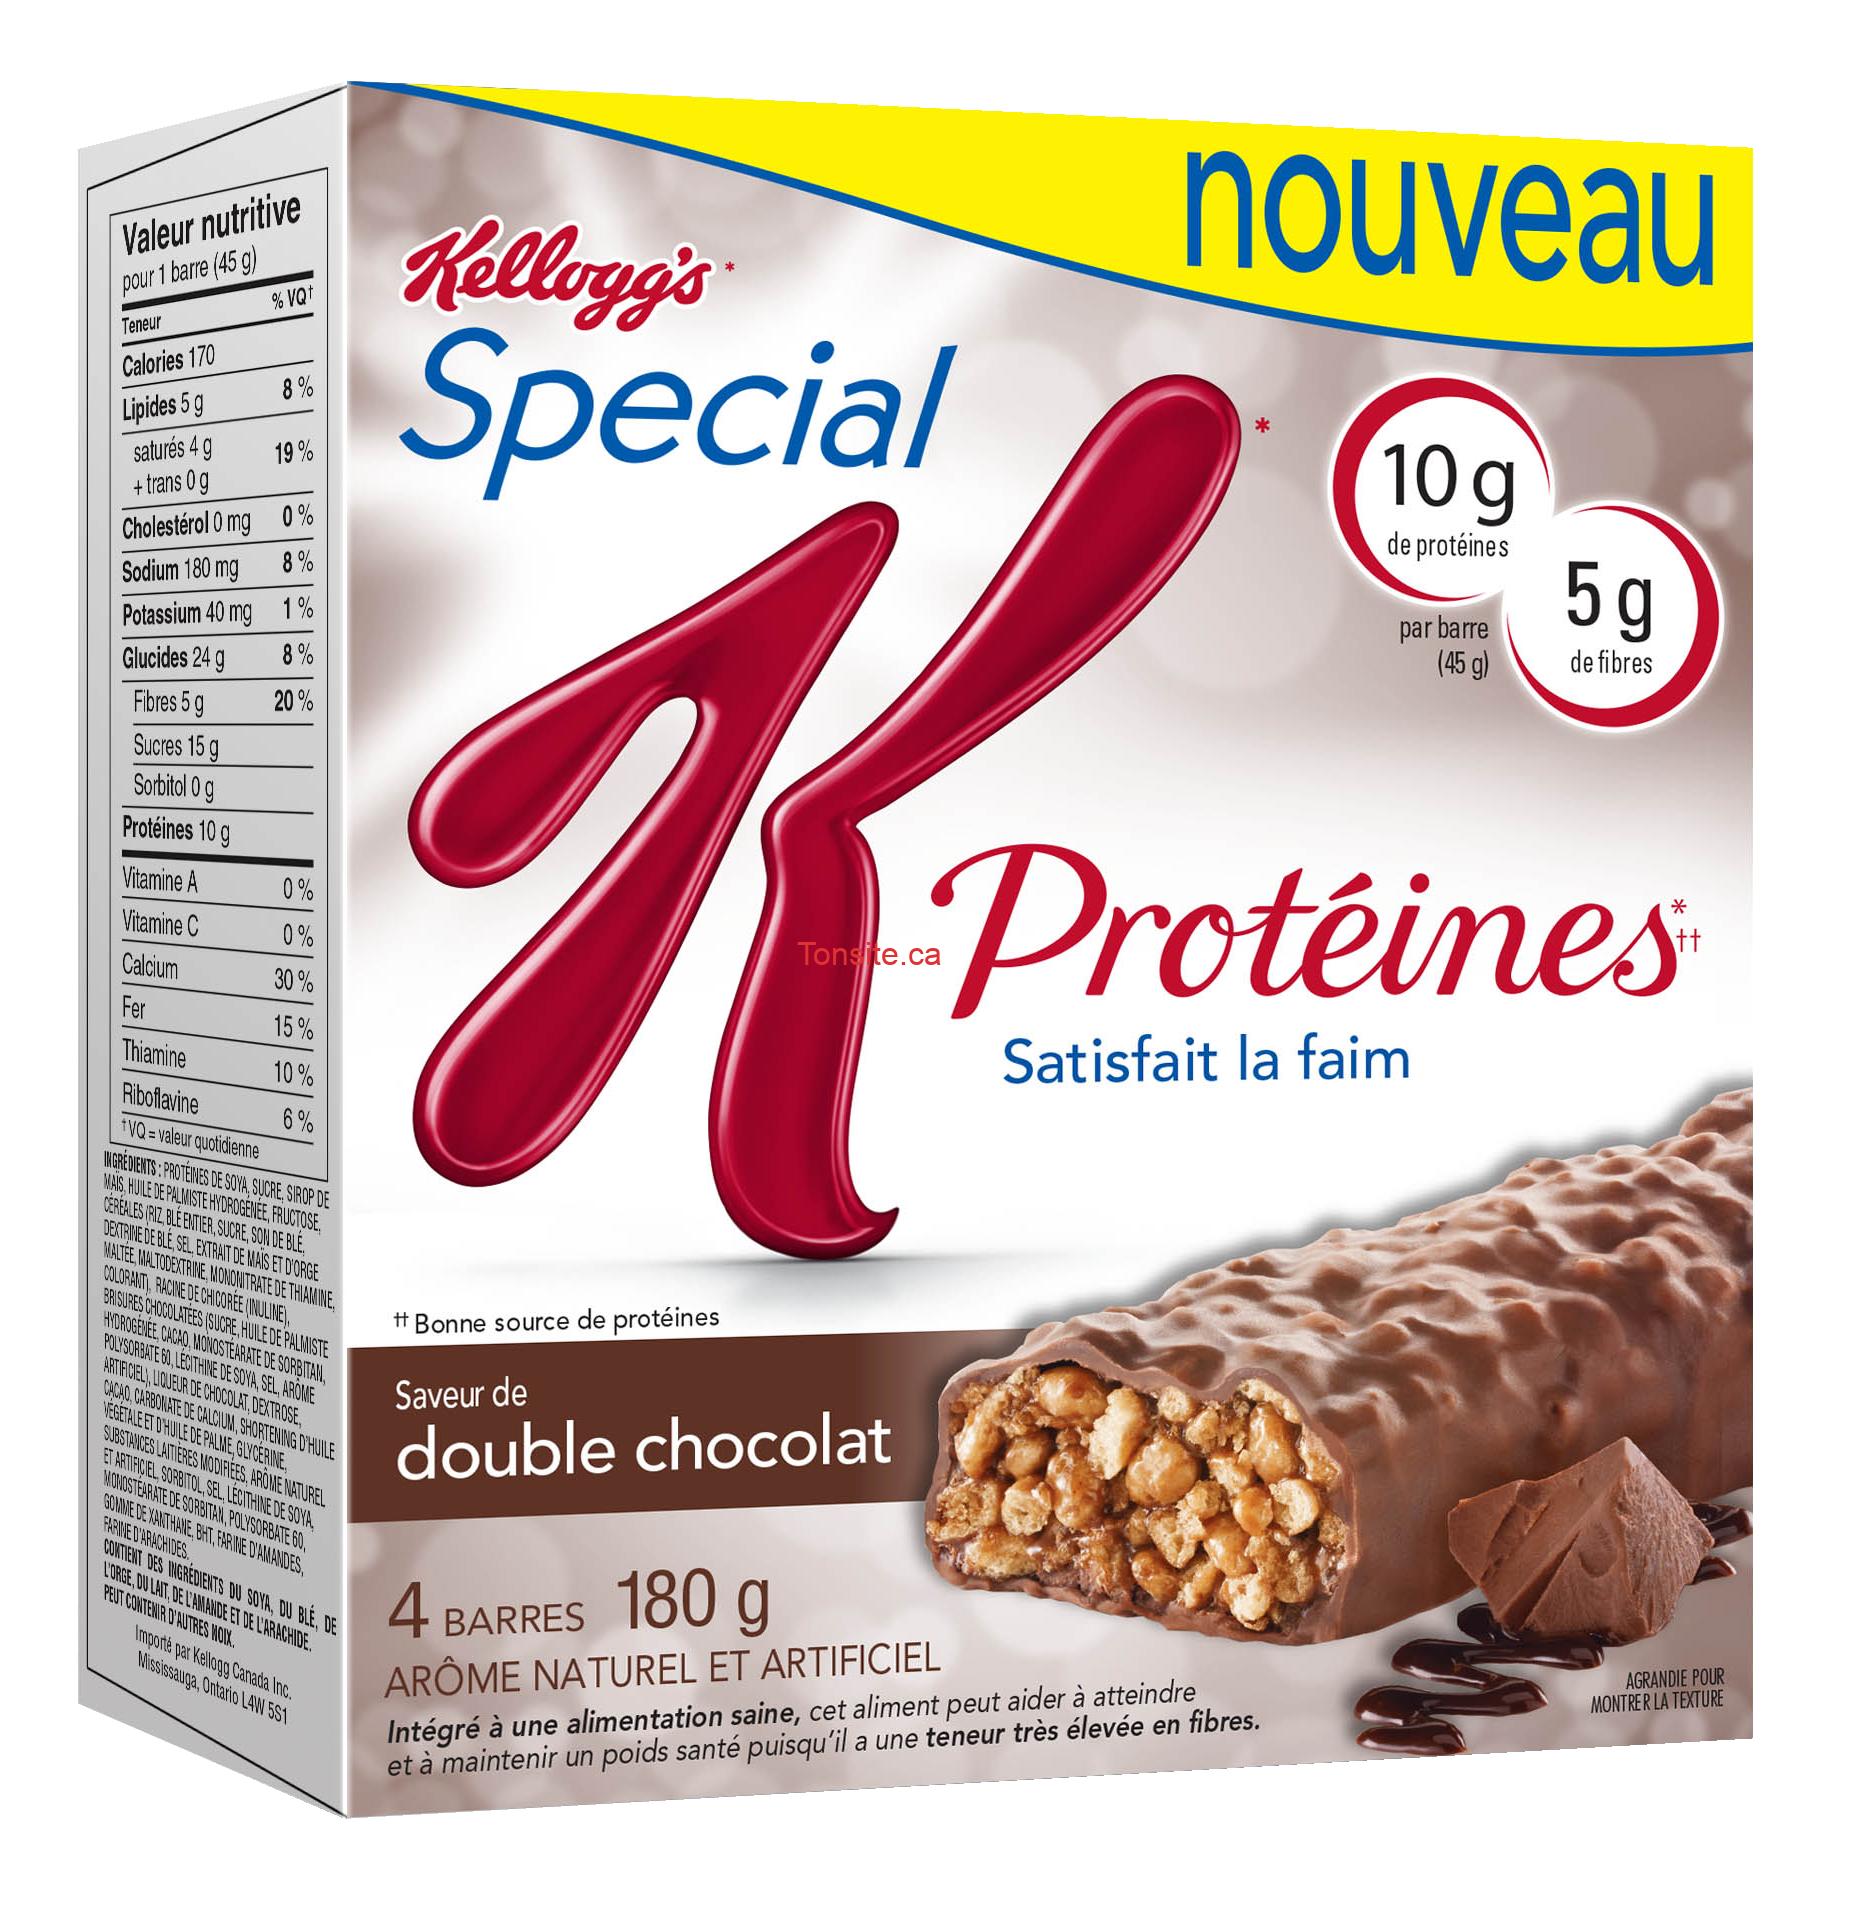 barres Special K Proteines - Coupon rabais de 1$ sur les barres Special K Proteines